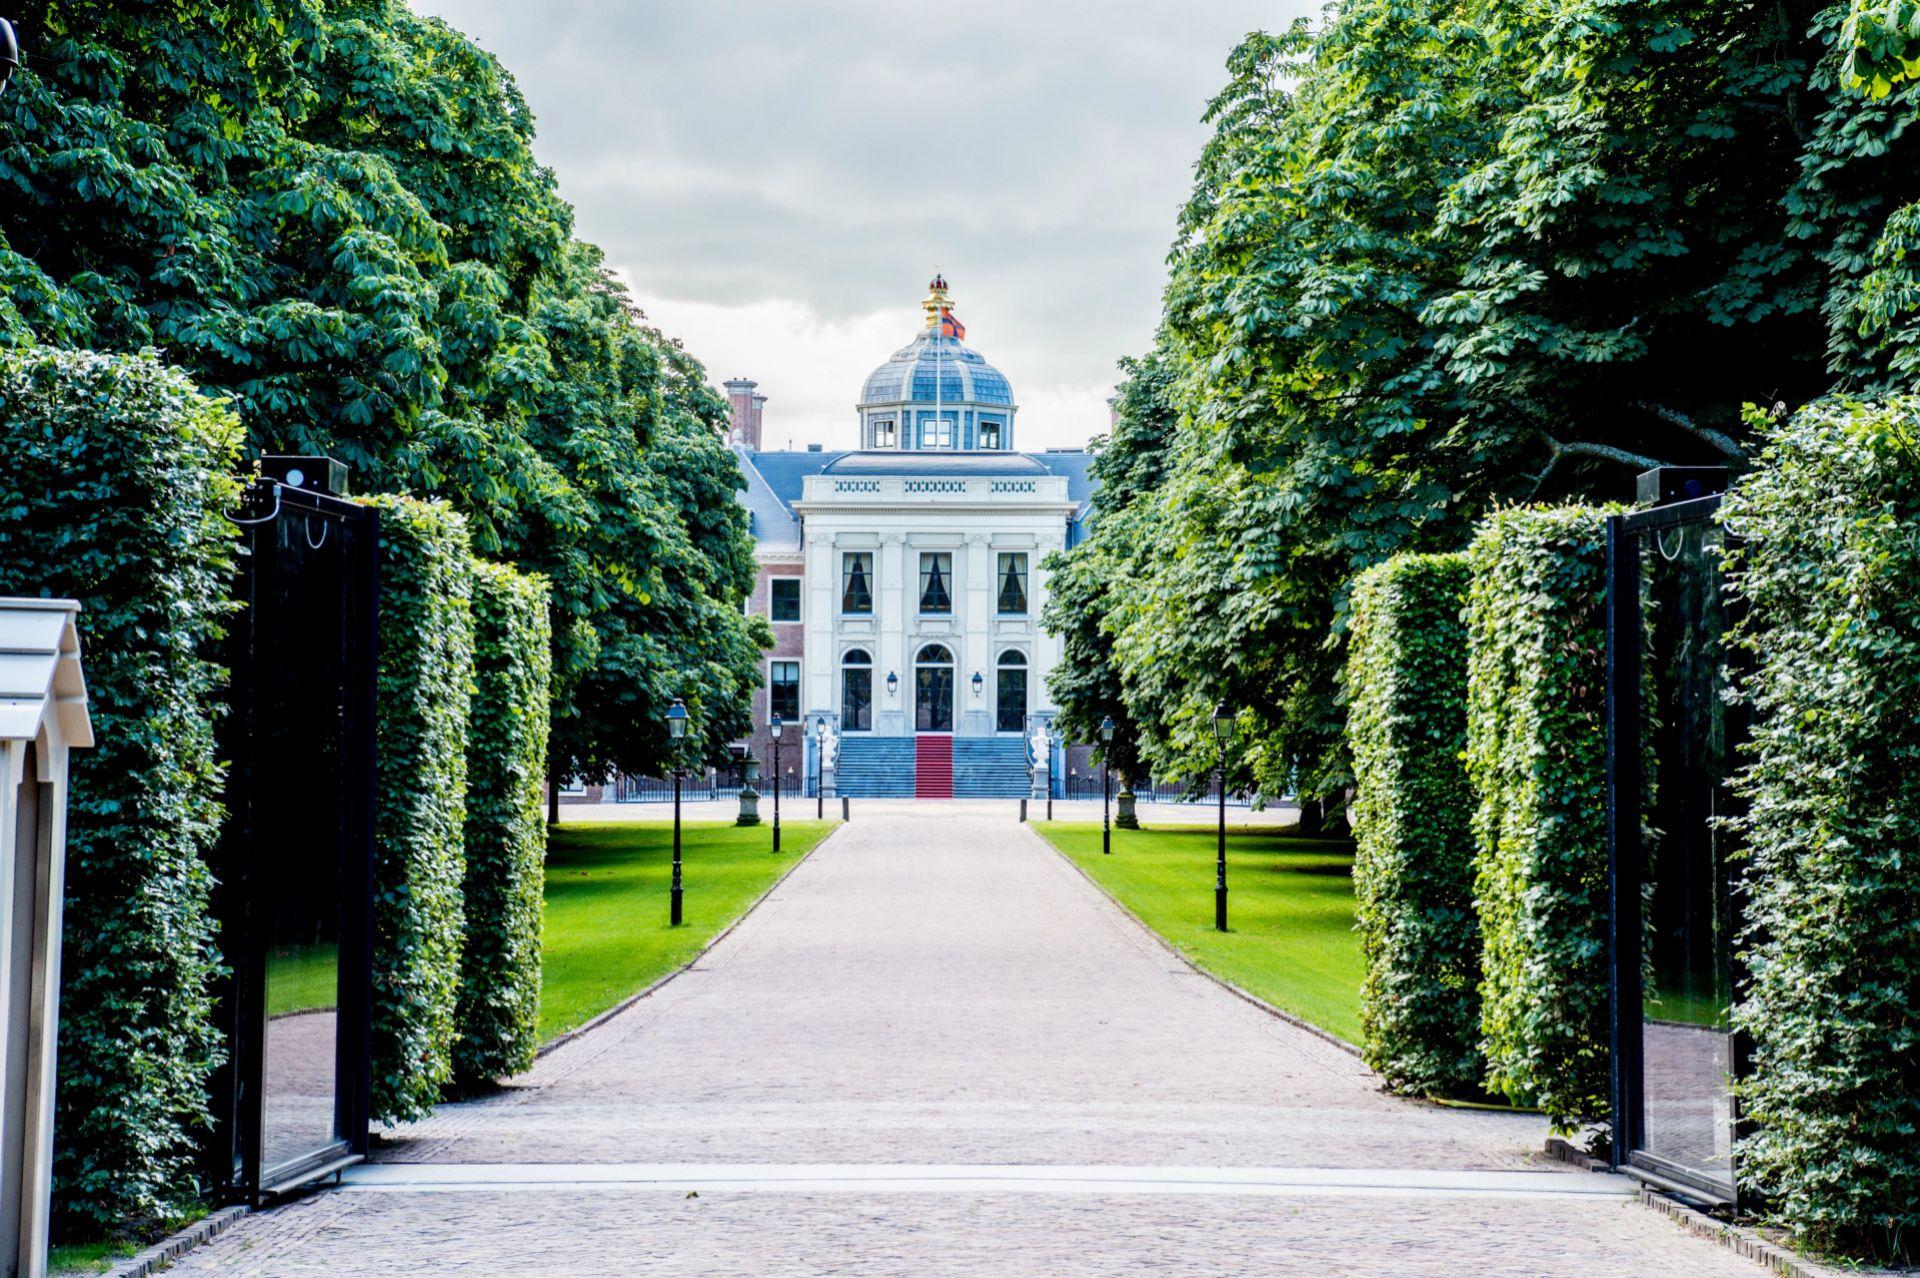 Vista exterior del palacio de Huis ten Bosch.